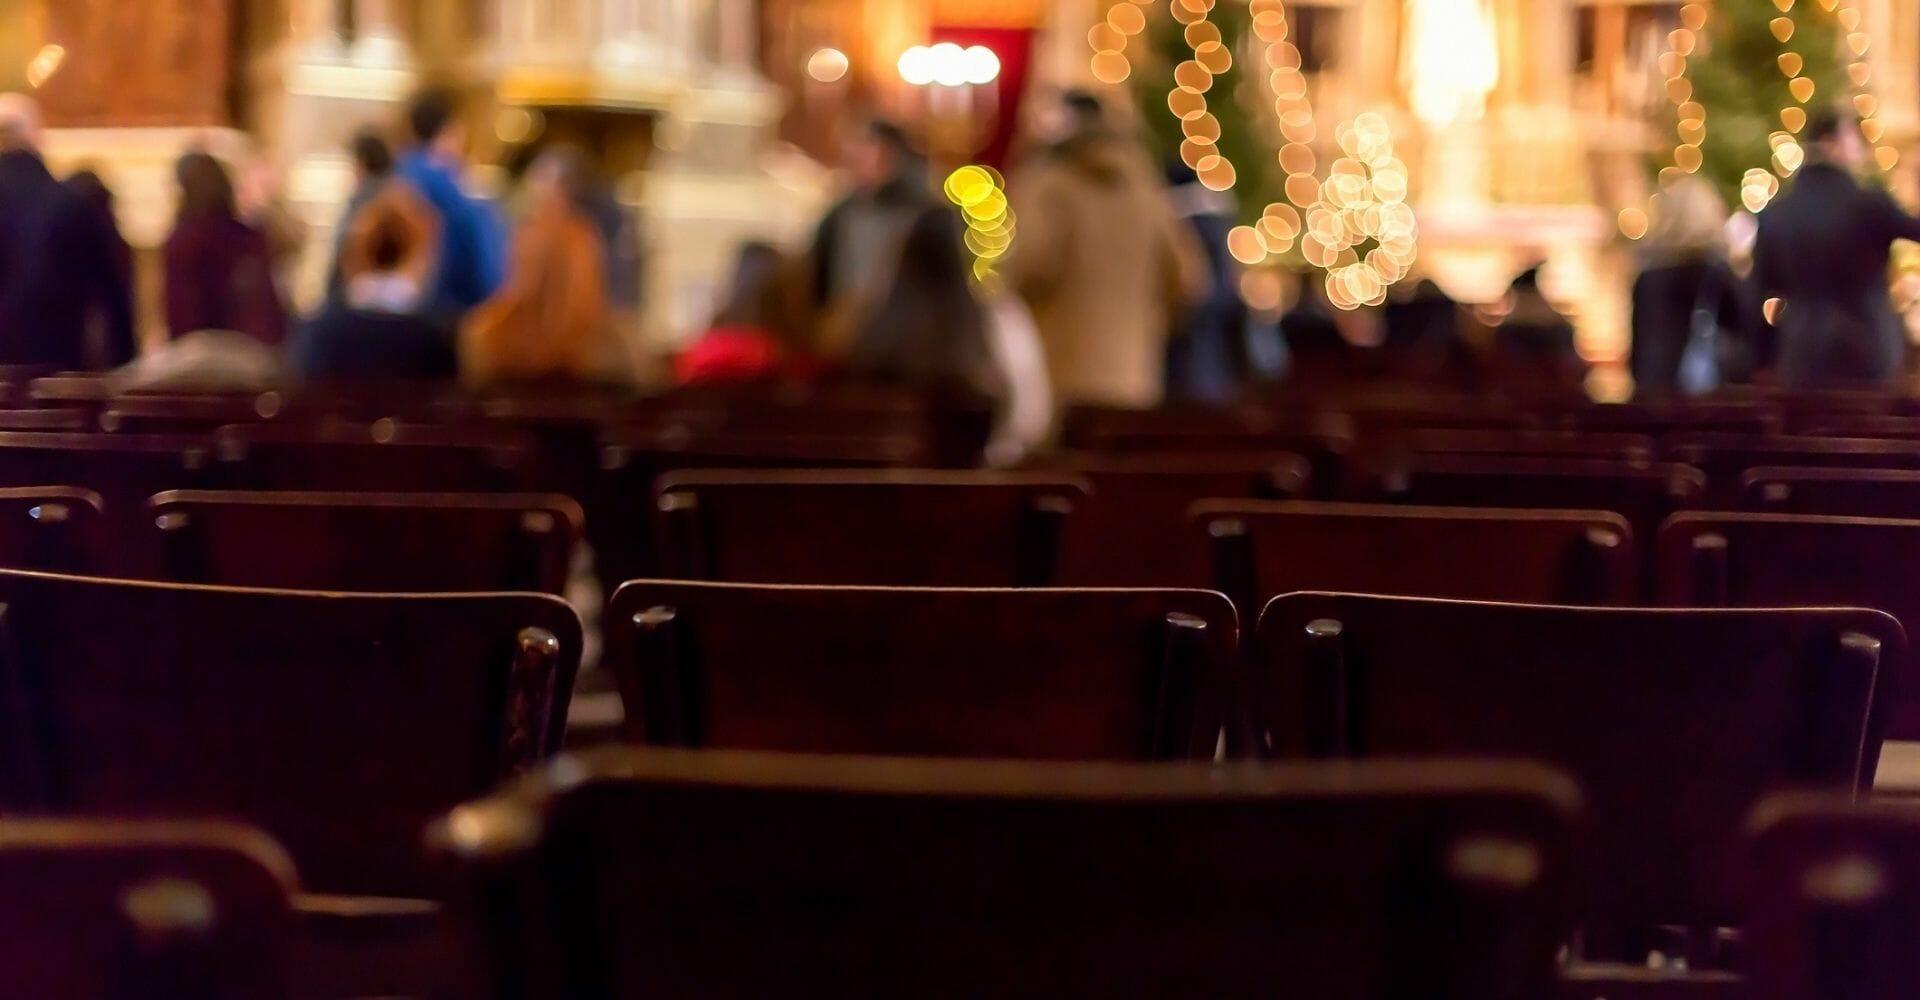 Mezzanotte? A Natale non è certo l'ora della messa quella che conta: interviene il biblista Maggi